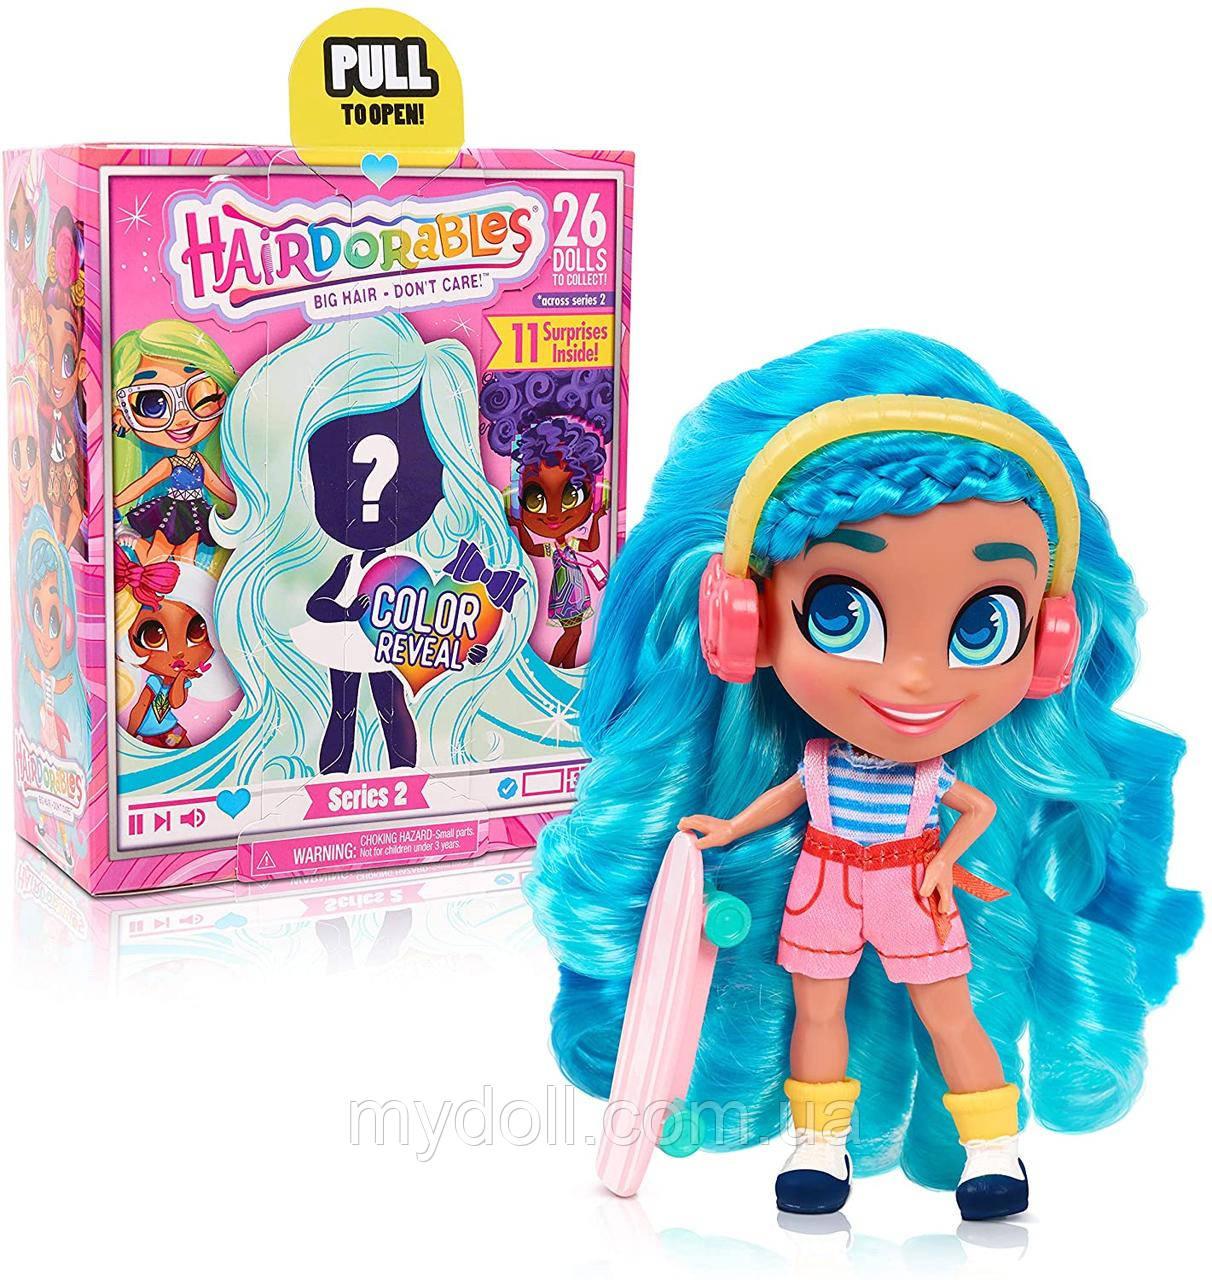 Кукла Hairdorables 2 серия Collectible Surprise Dolls Хердораблс сюрприз Оригинал